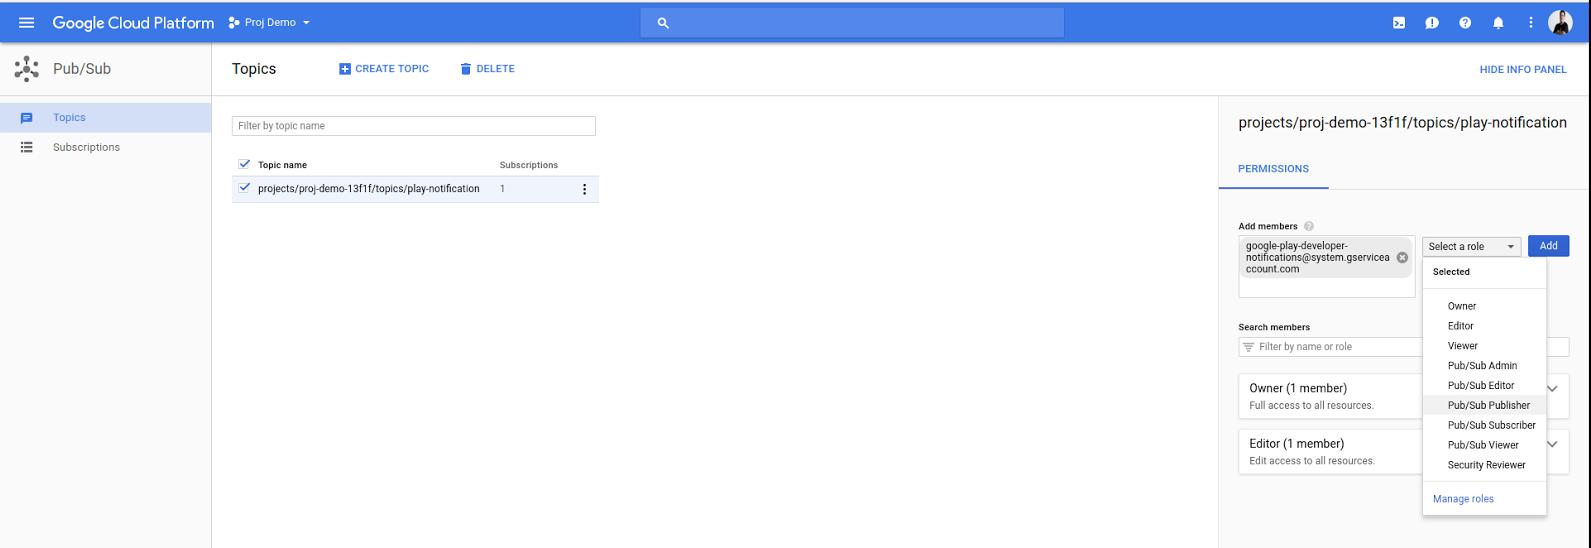 将 Google Play 服务帐号添加为 Pub/Sub 发布商